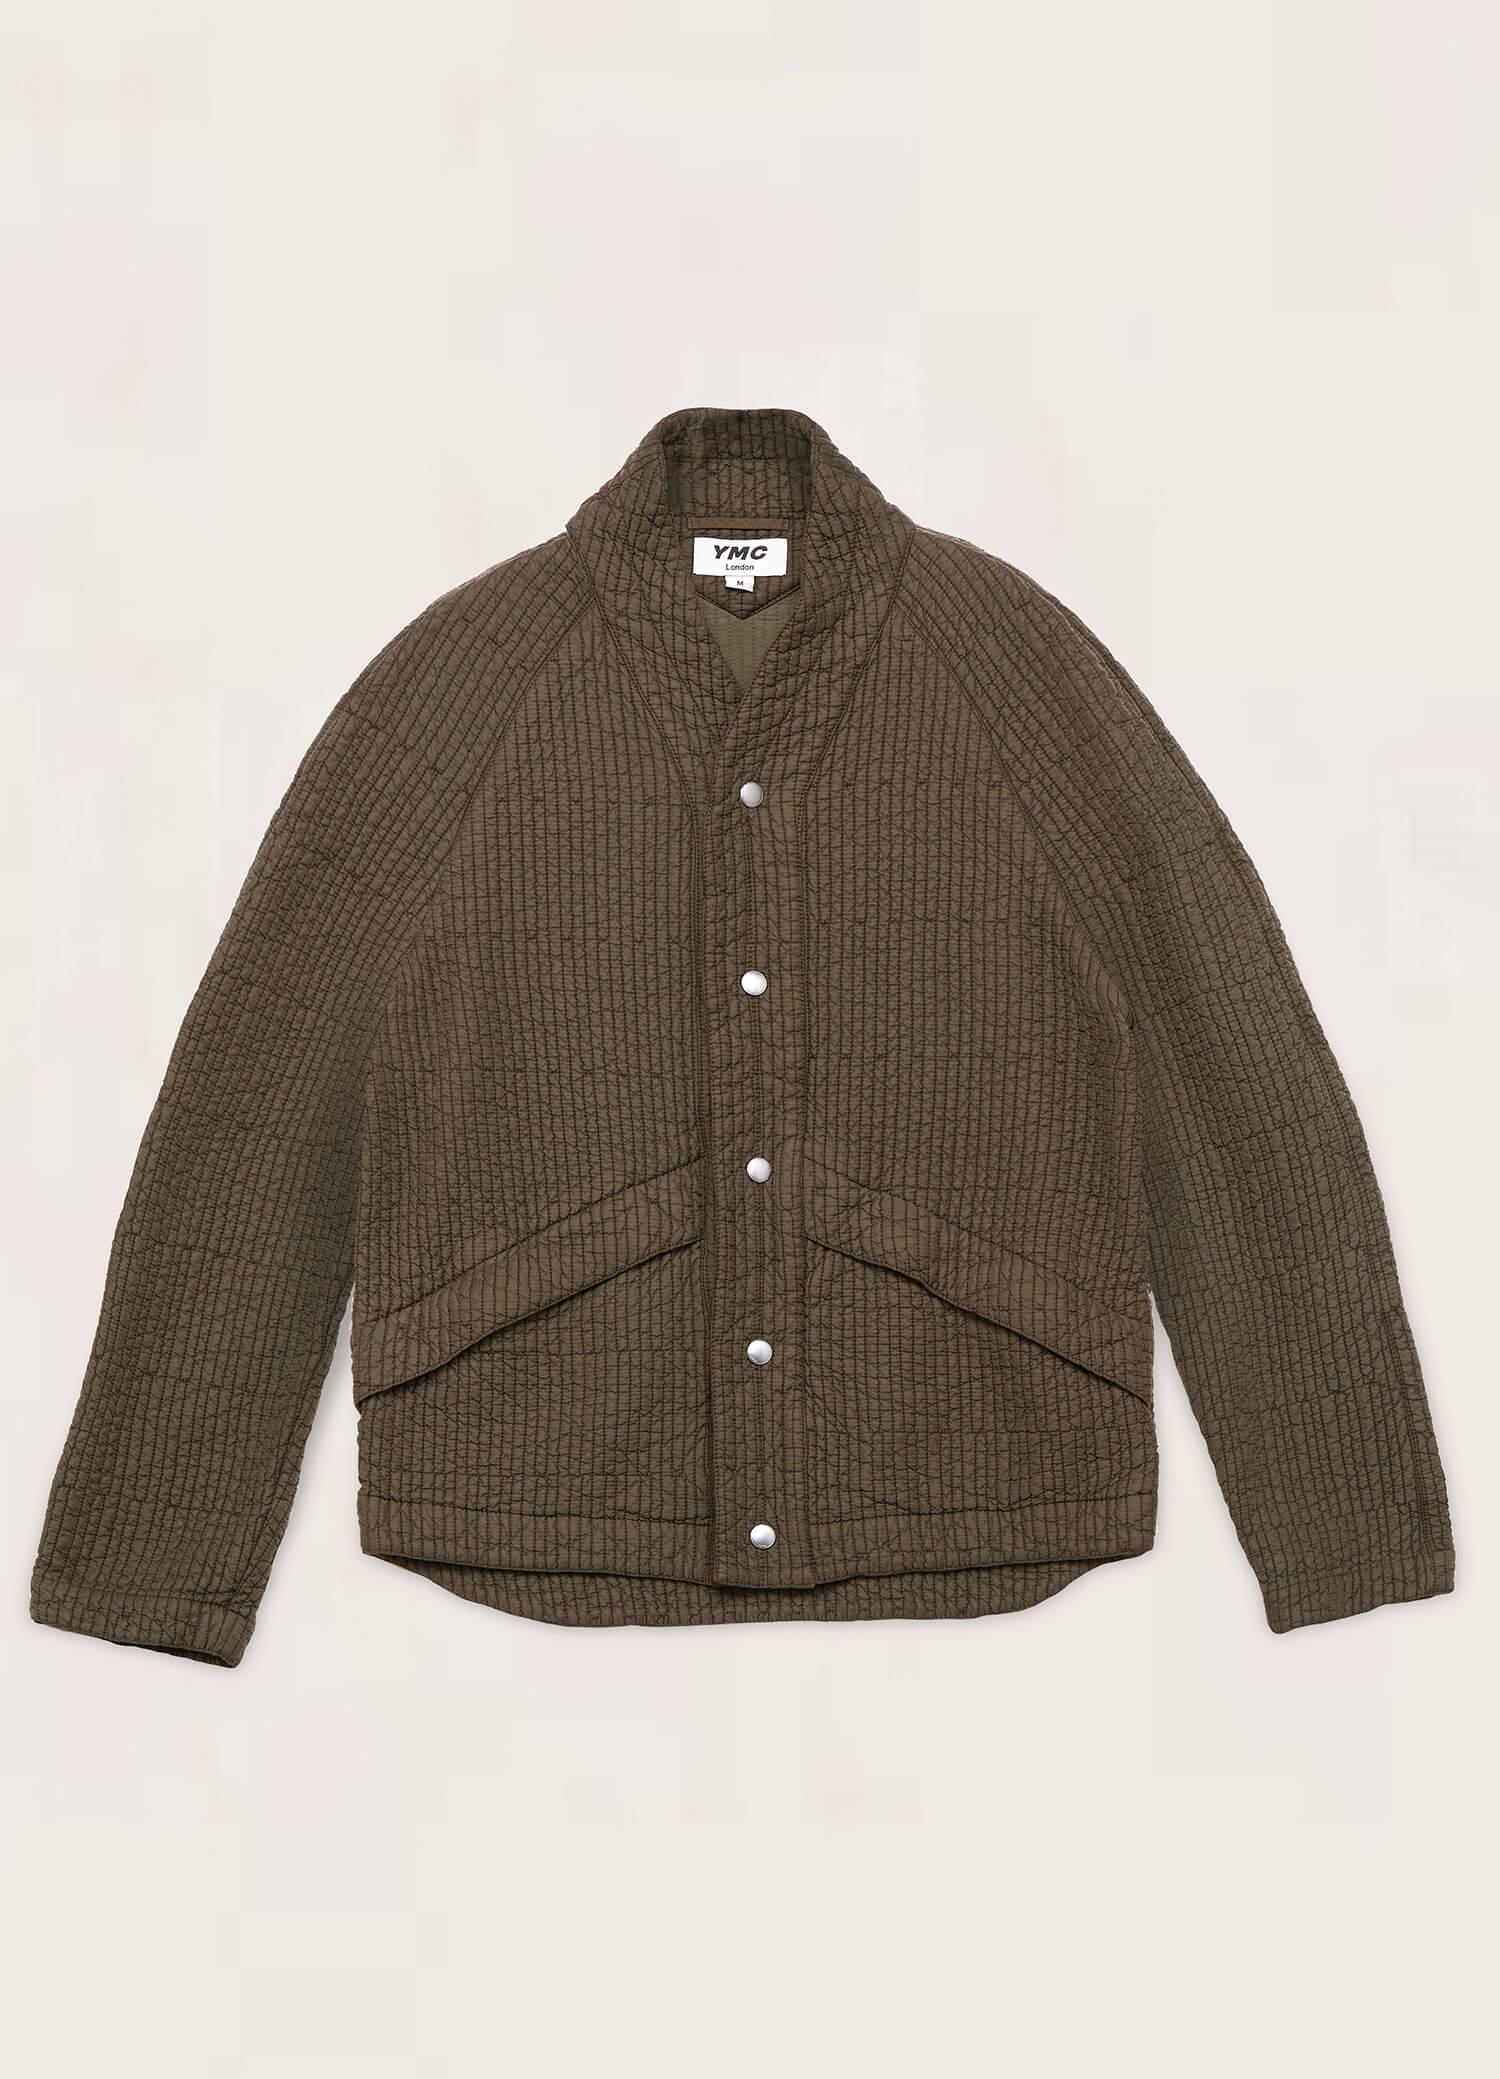 Erkin Quilted Jacket Olive